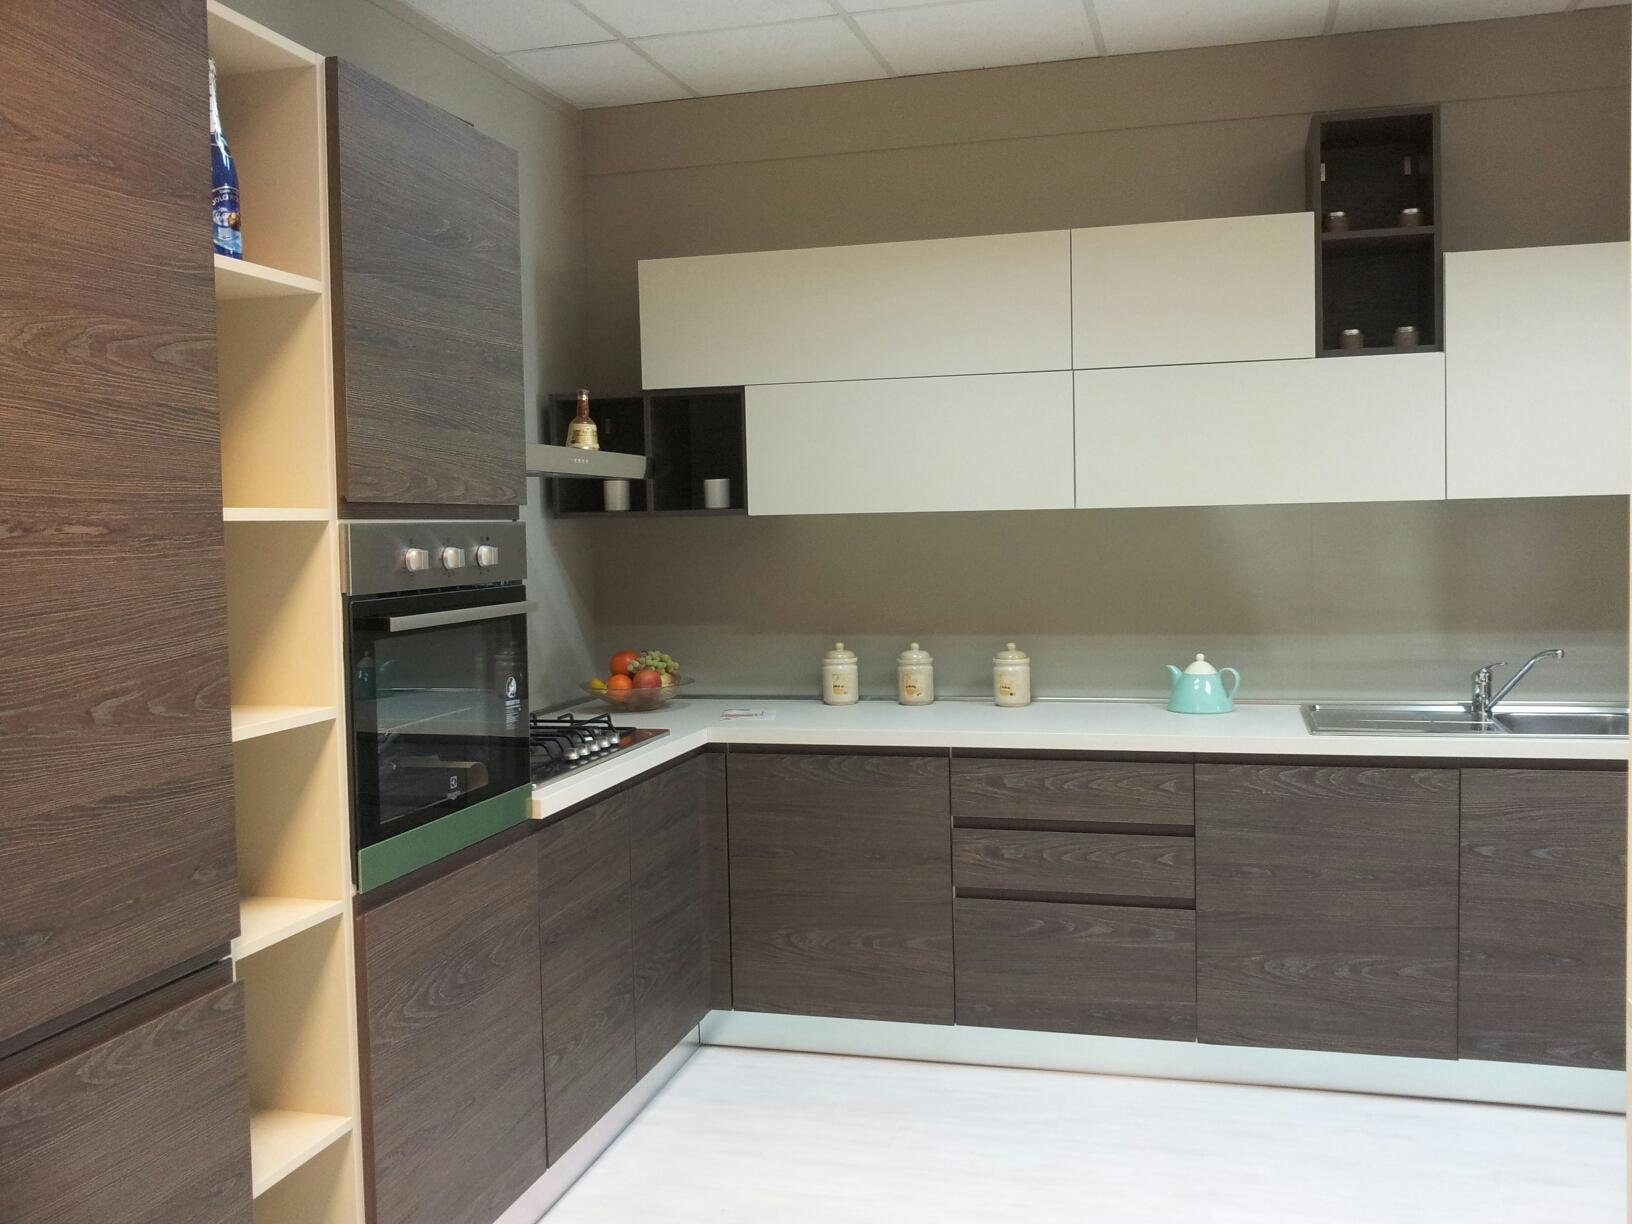 Elementi cucina gallery of lo chef bambini e cucina set - Elementi cucina componibile ...